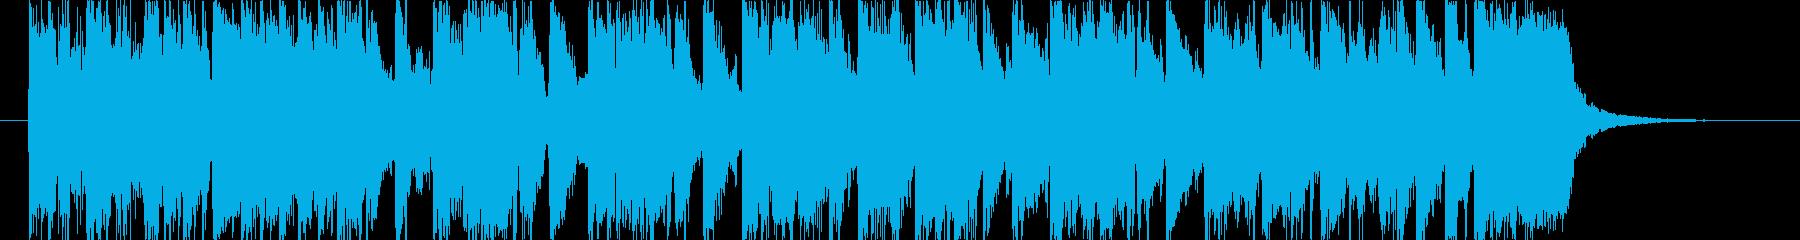 お洒落な雰囲気のニュース風オープニング曲の再生済みの波形